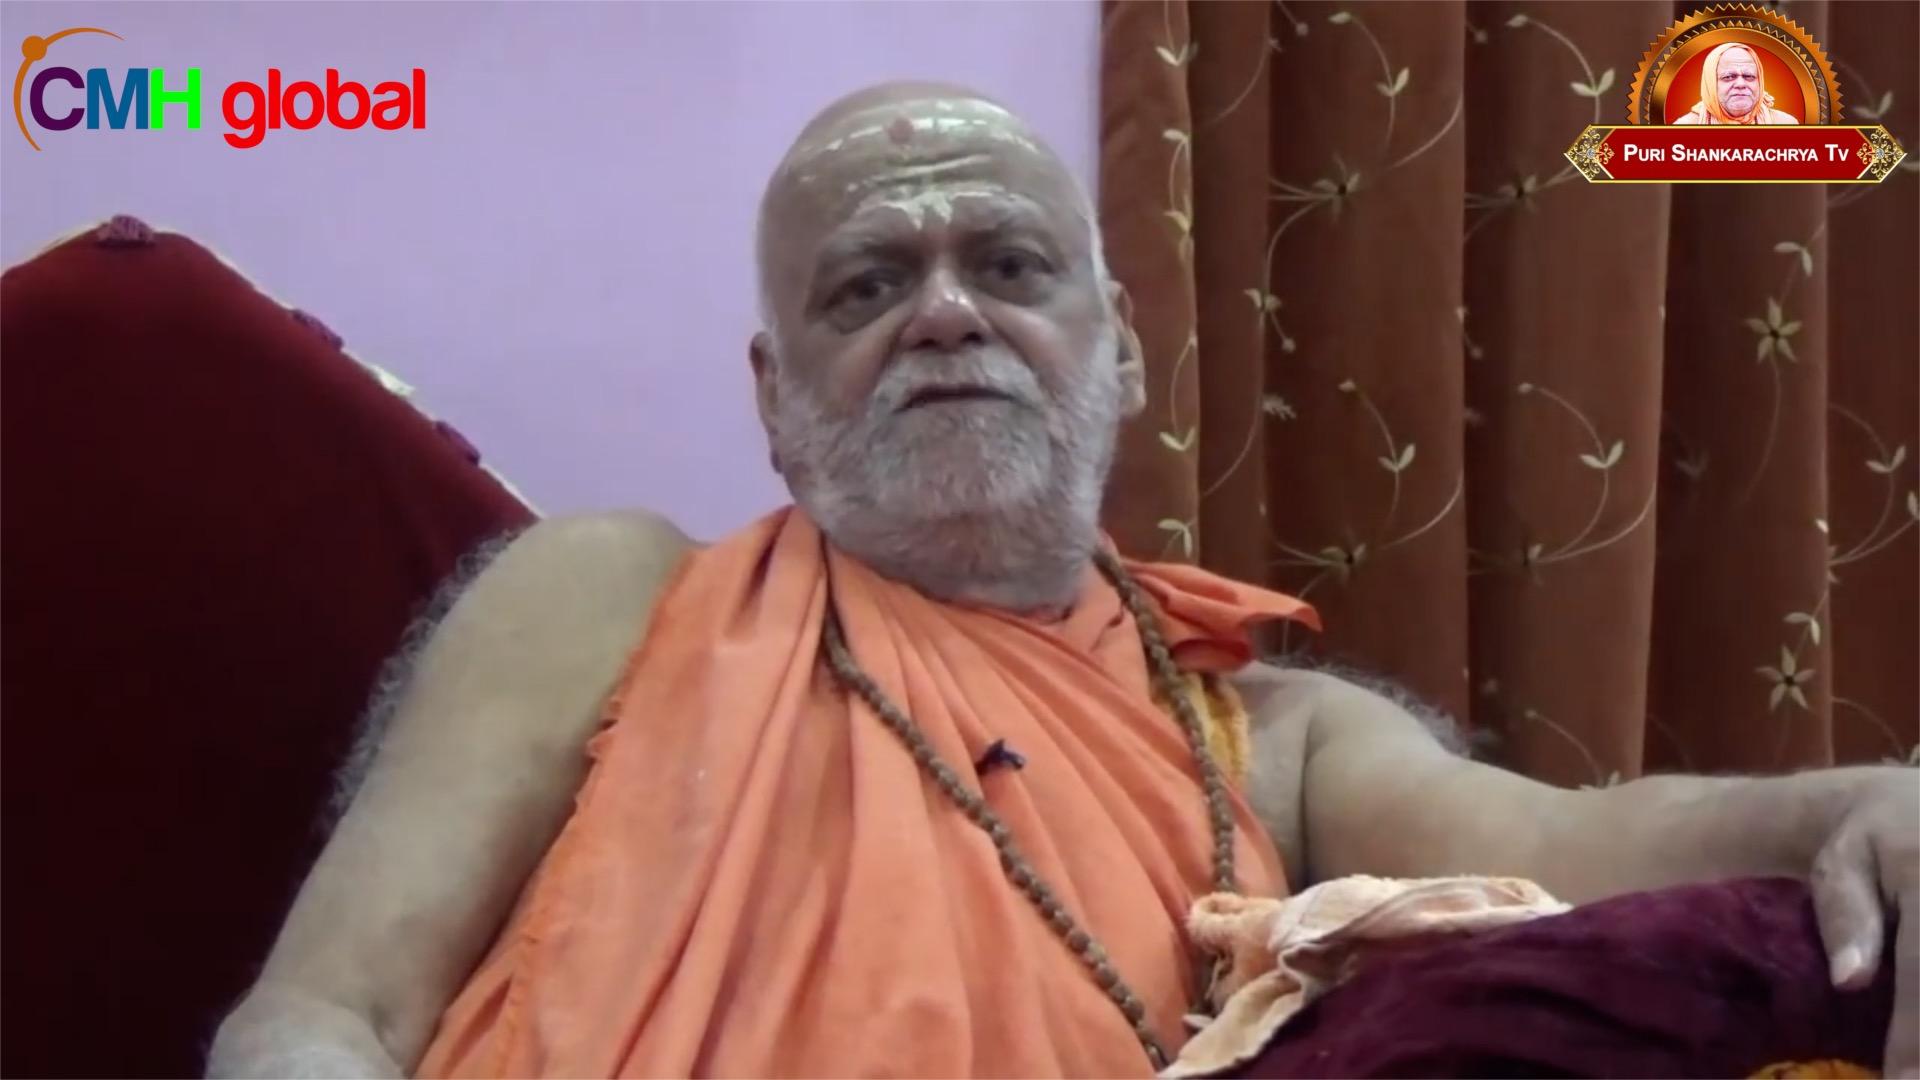 Gyan Dhara Ep -45 by Puri Shankaracharya Swami Nishchalananda Saraswati Ji